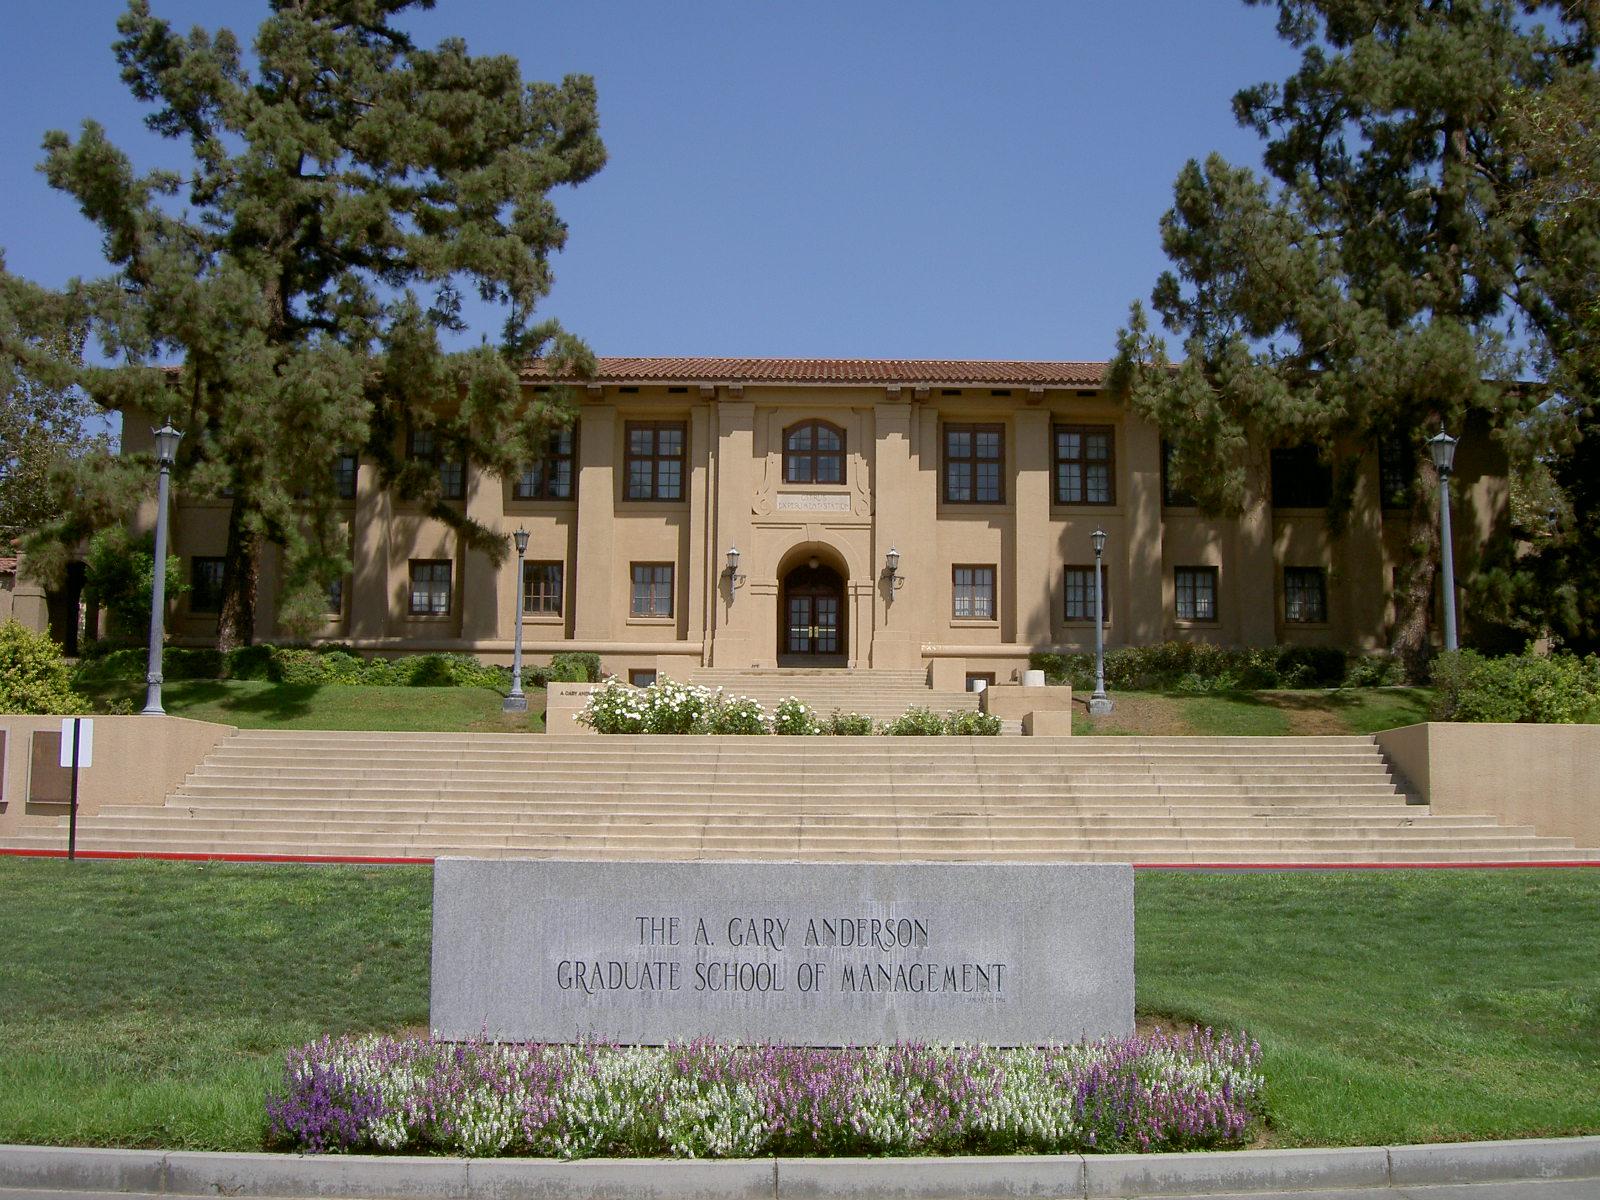 Anderson Building Services Broughton Astley